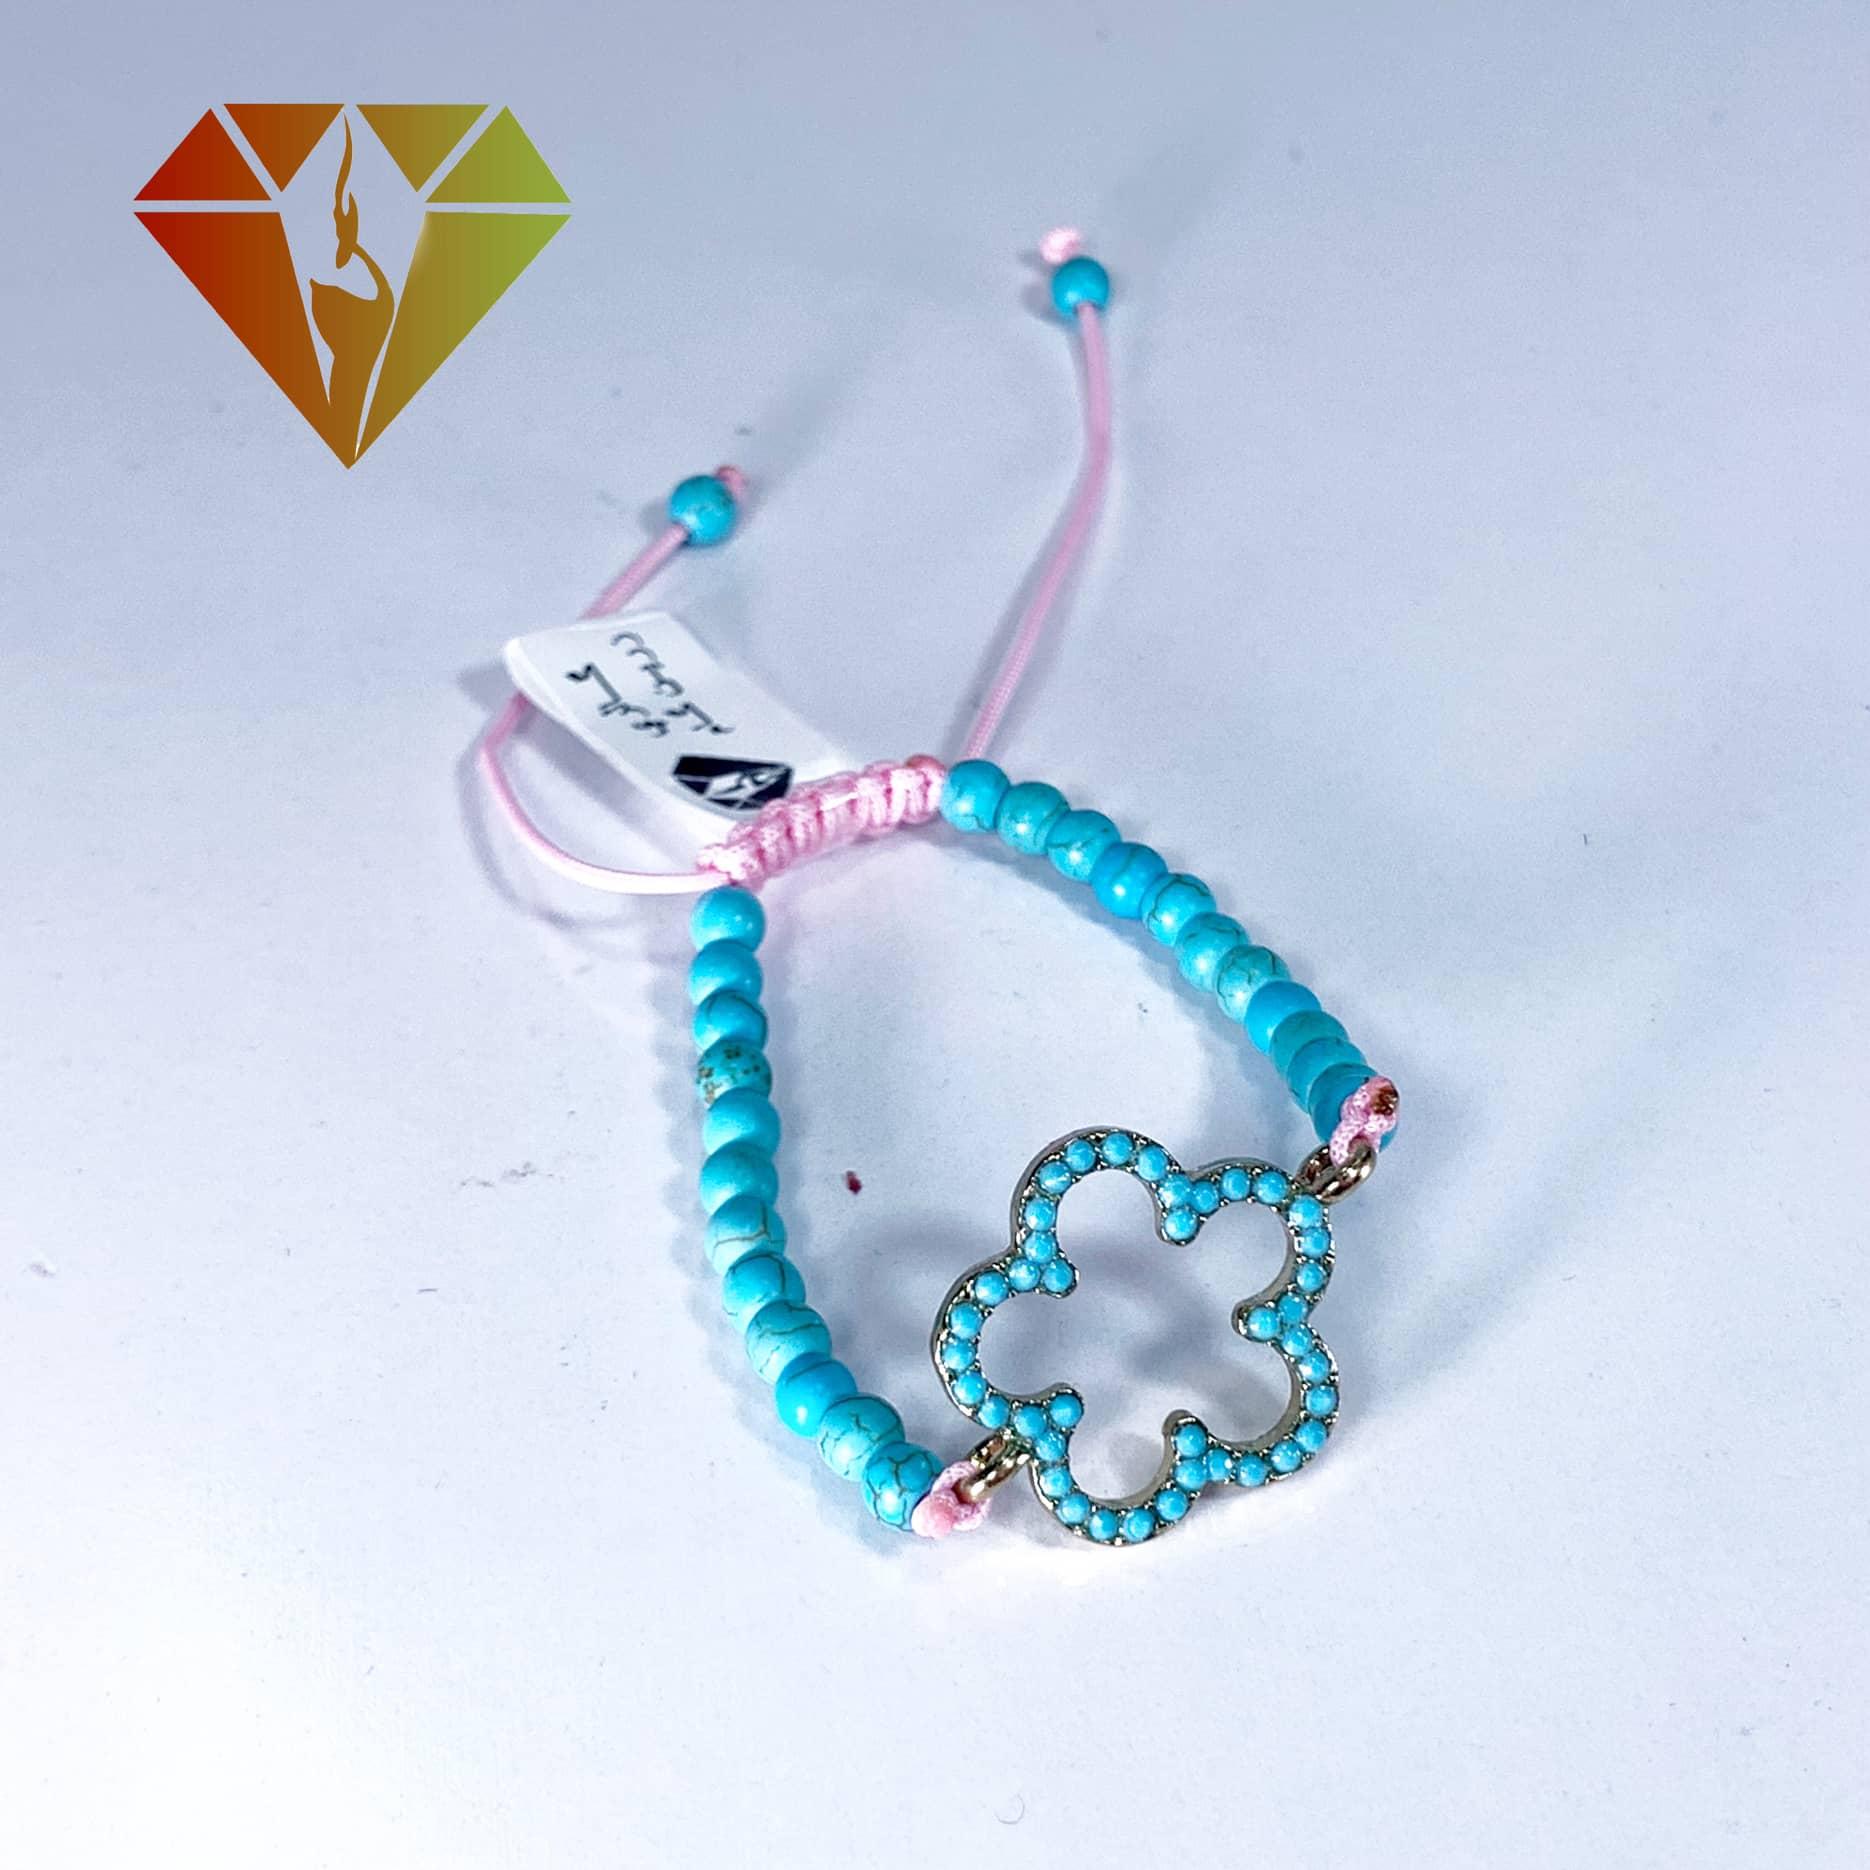 دستبند فیروزه تبتی بچگانه